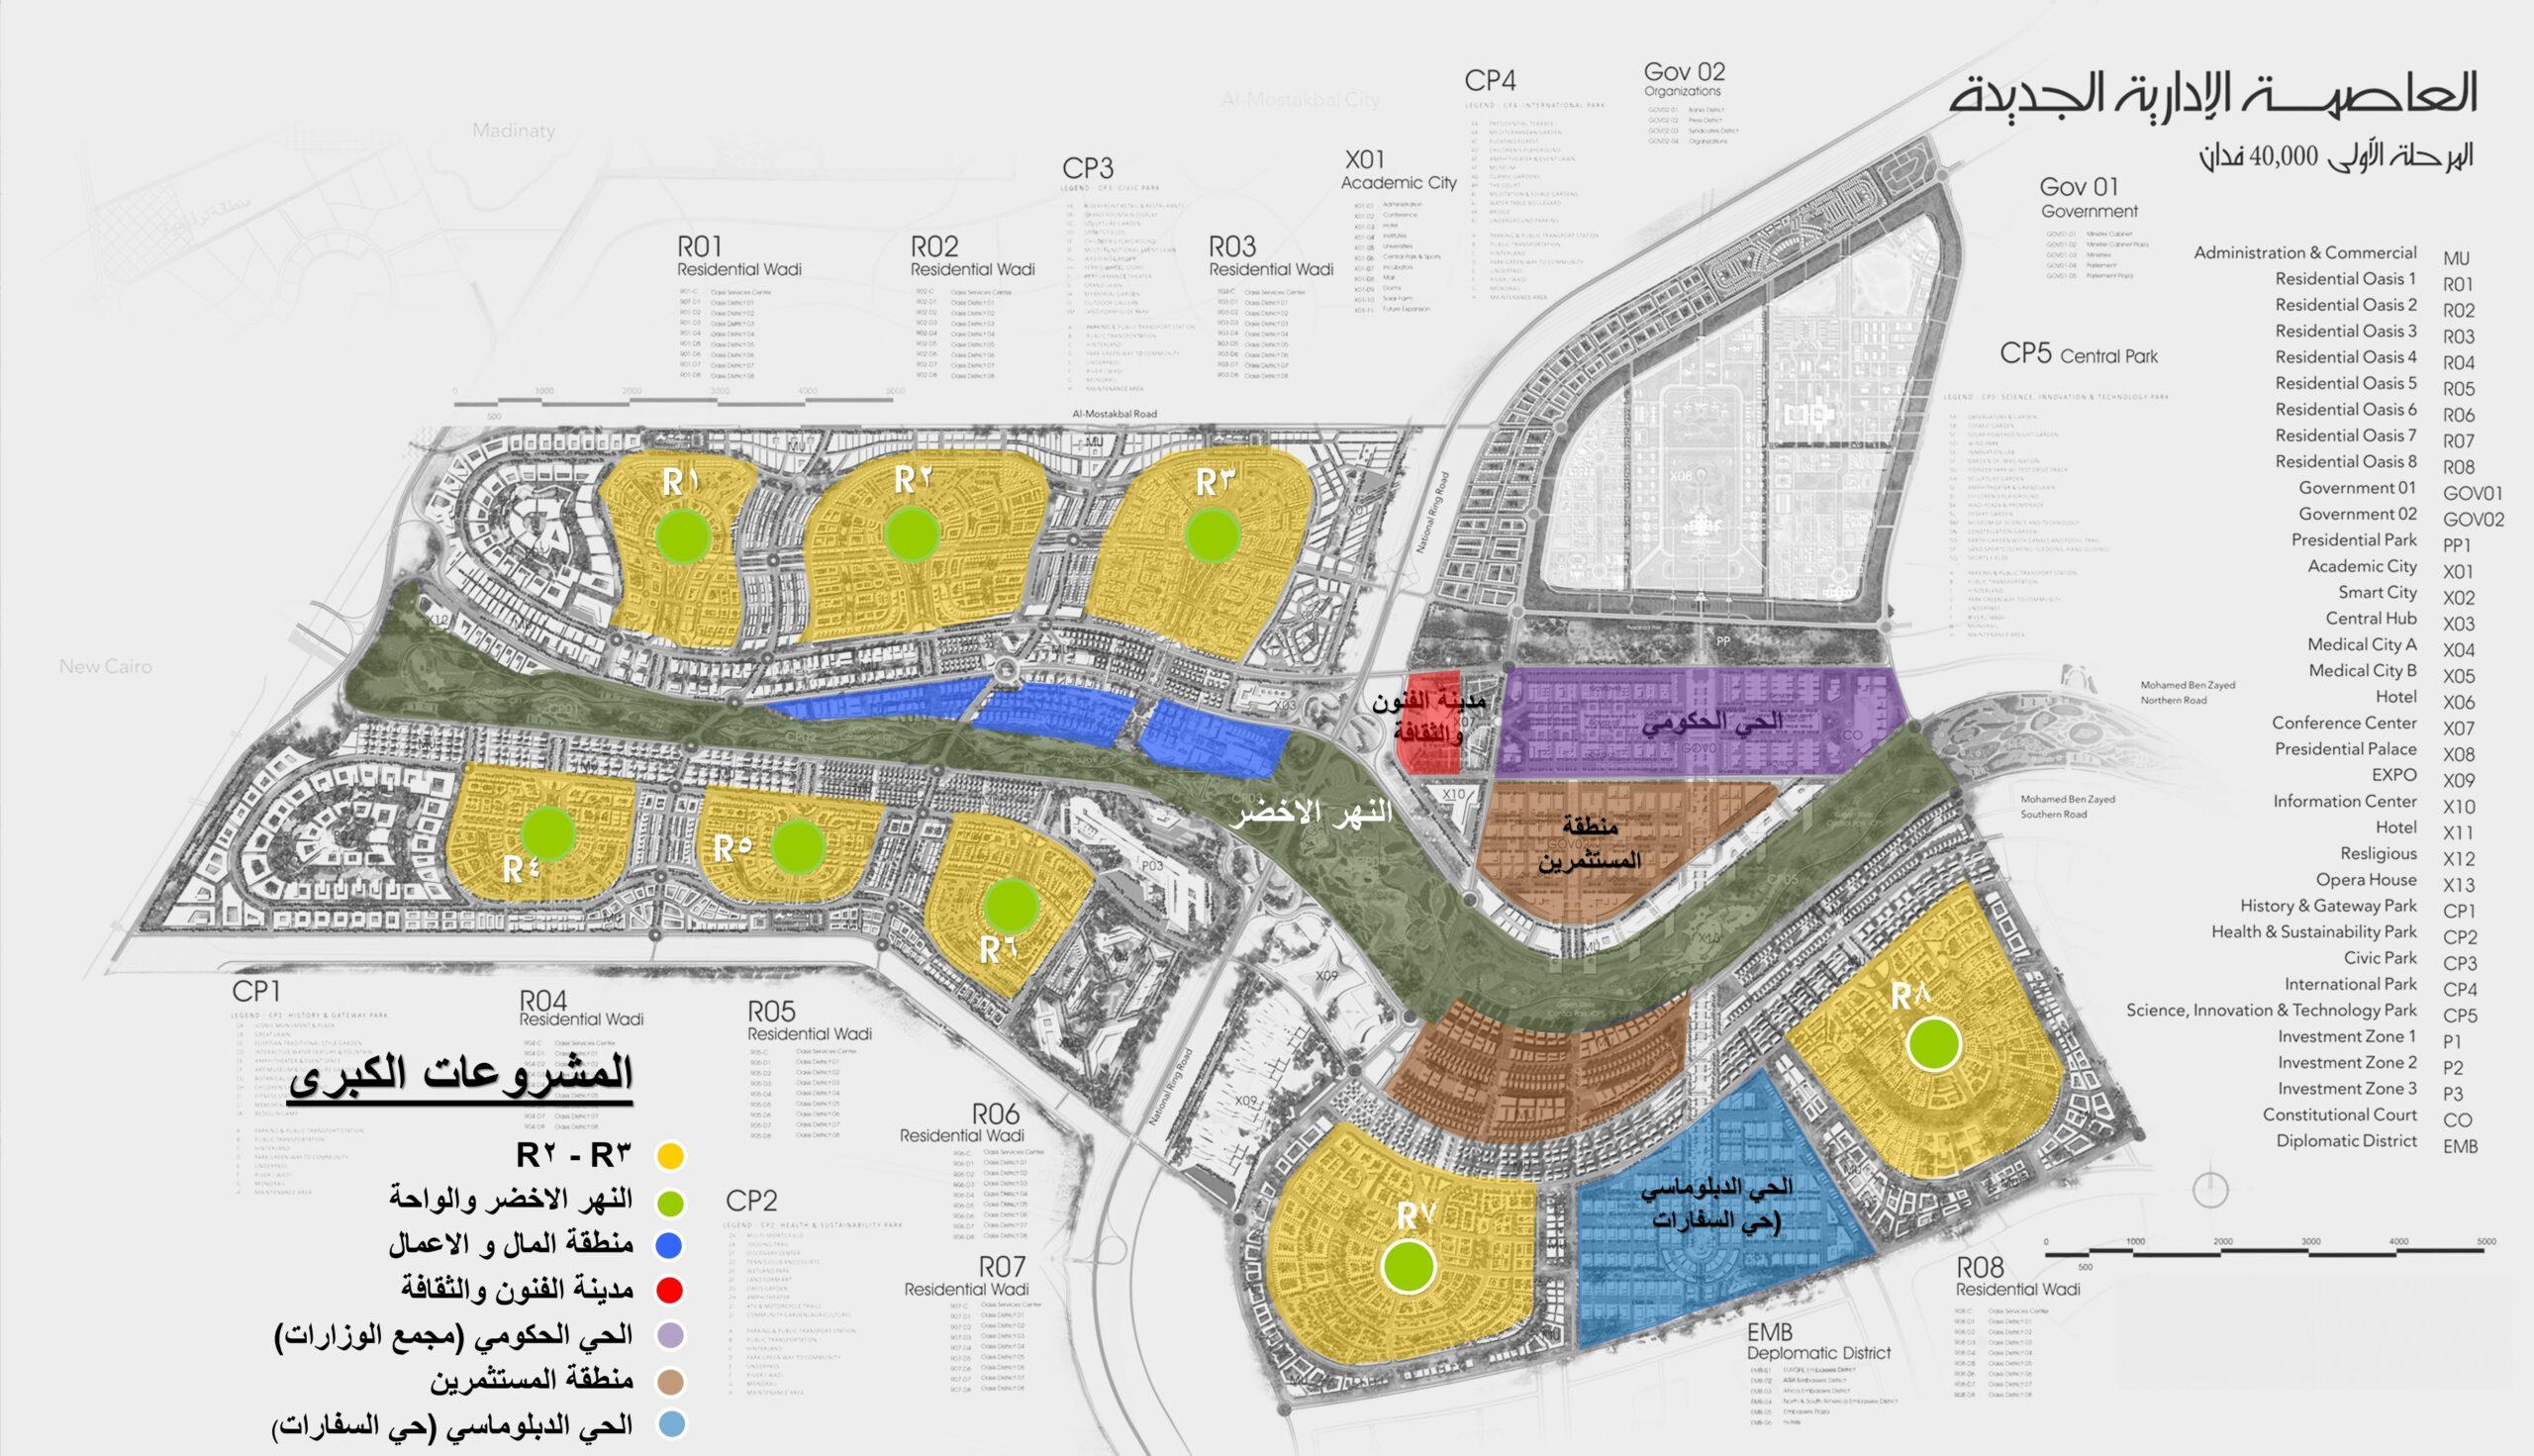 خريطة احياء العاصمة الإدارية الجديدة